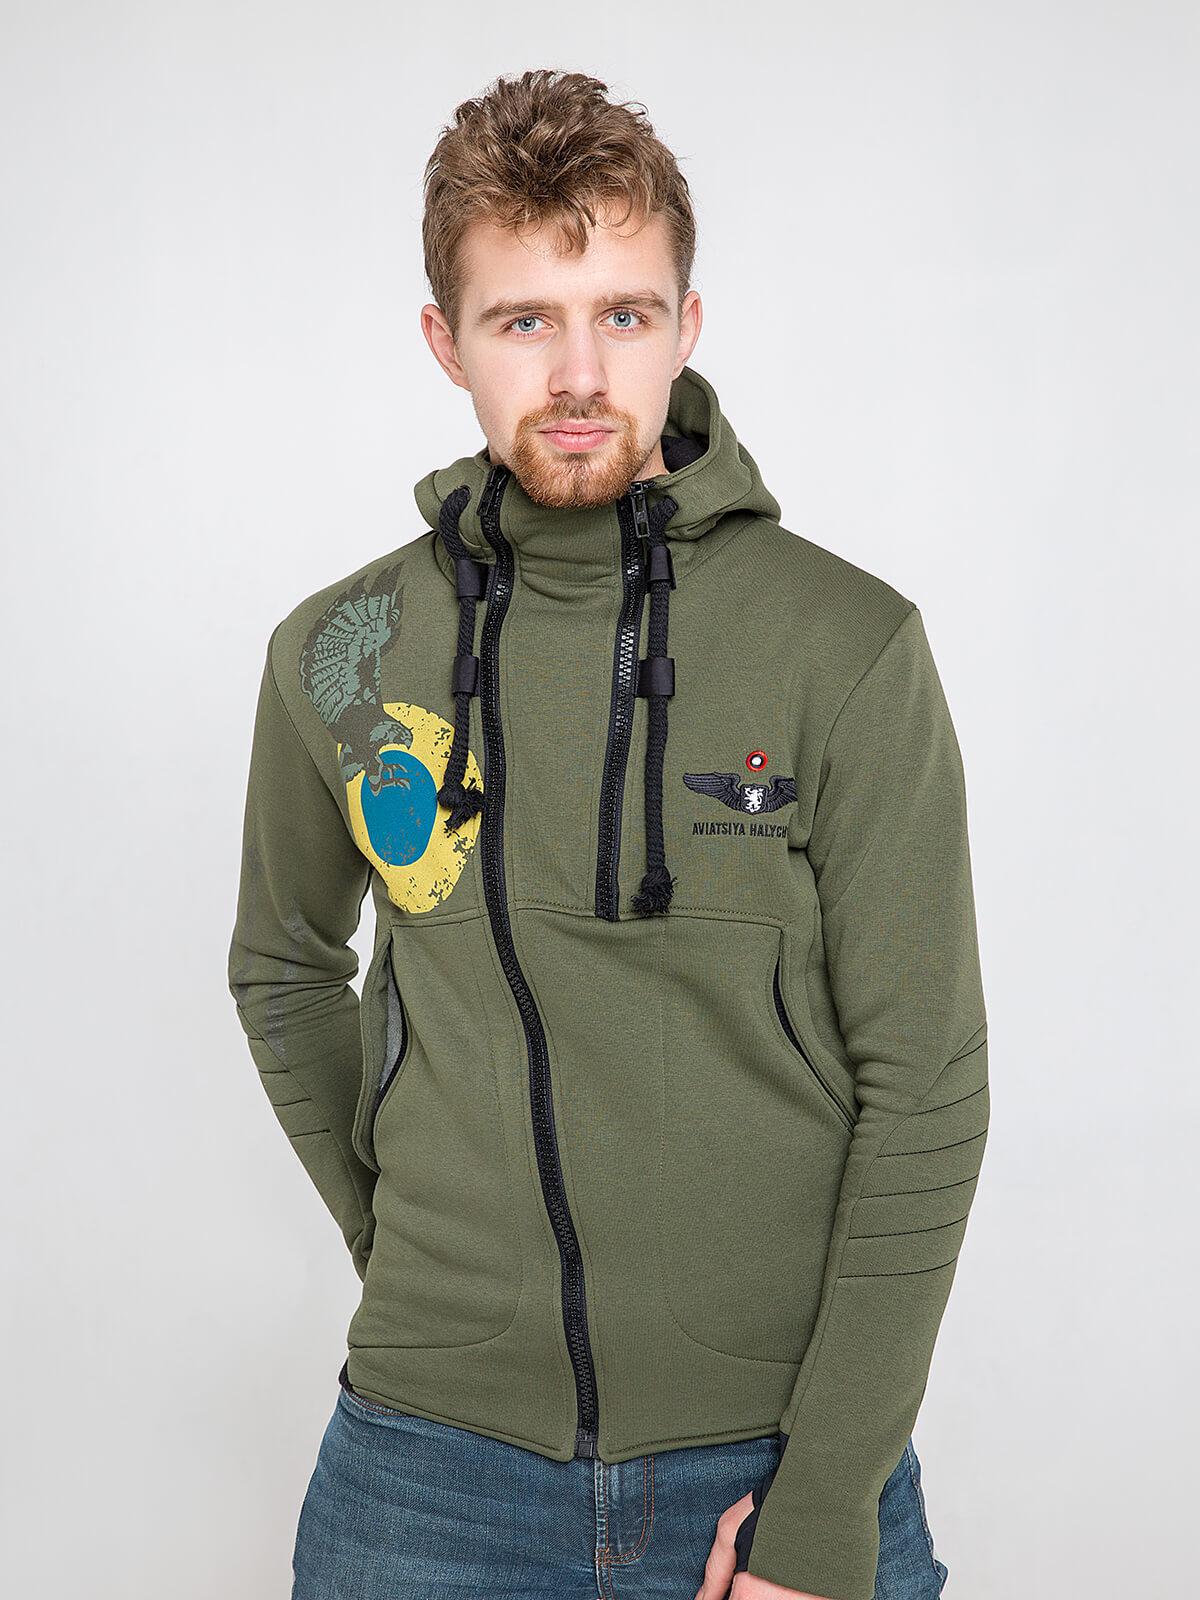 Men's Hoodie Ukrainian Falcons. Color khaki. Material: 77% cotton, 23% polyester.